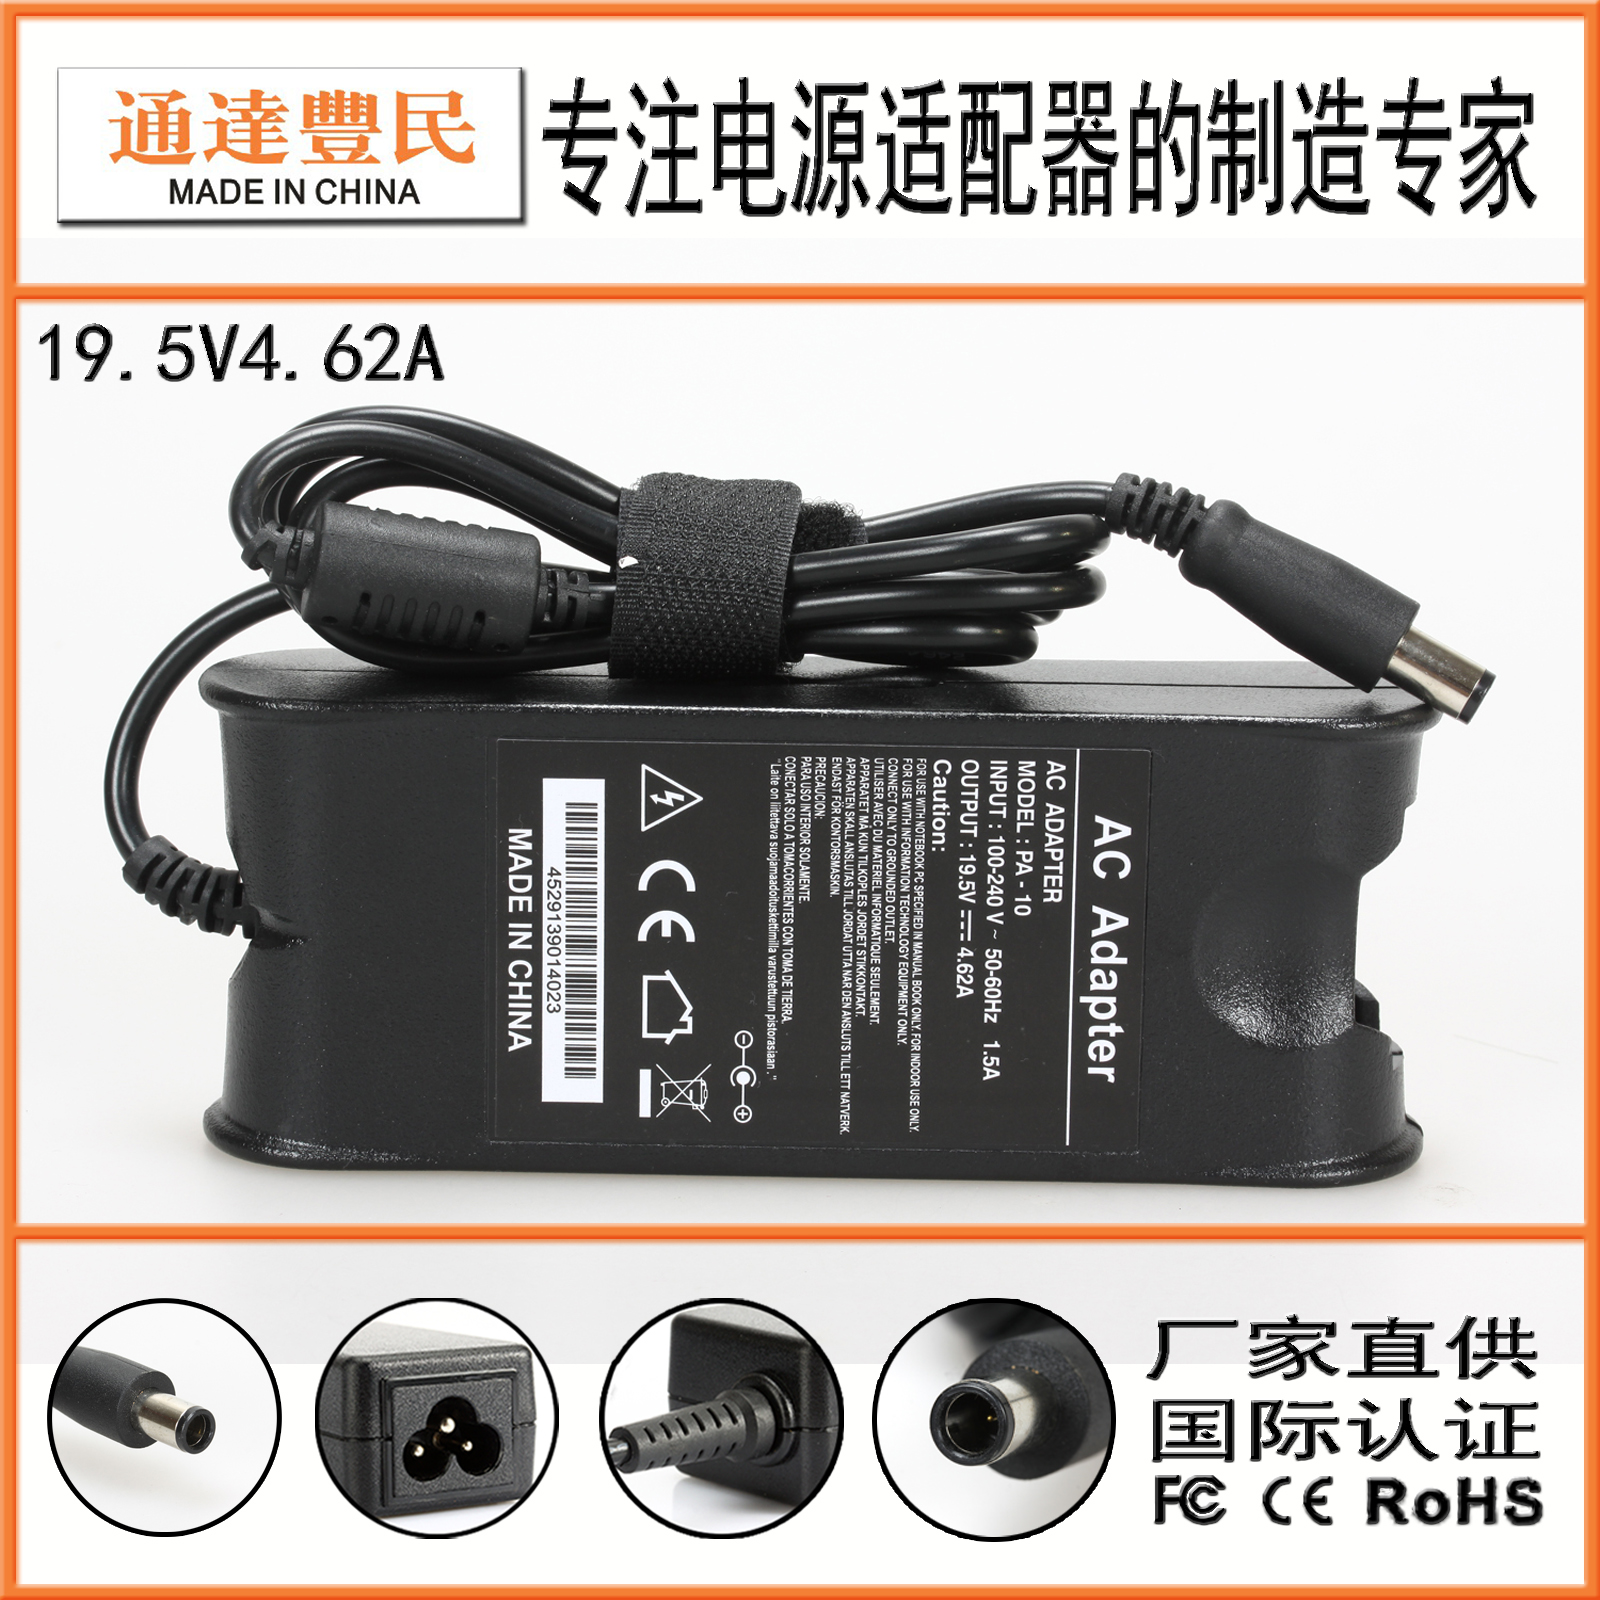 dellノート充電器D6301420デル電源アダプタ19.5V4.62A源工場